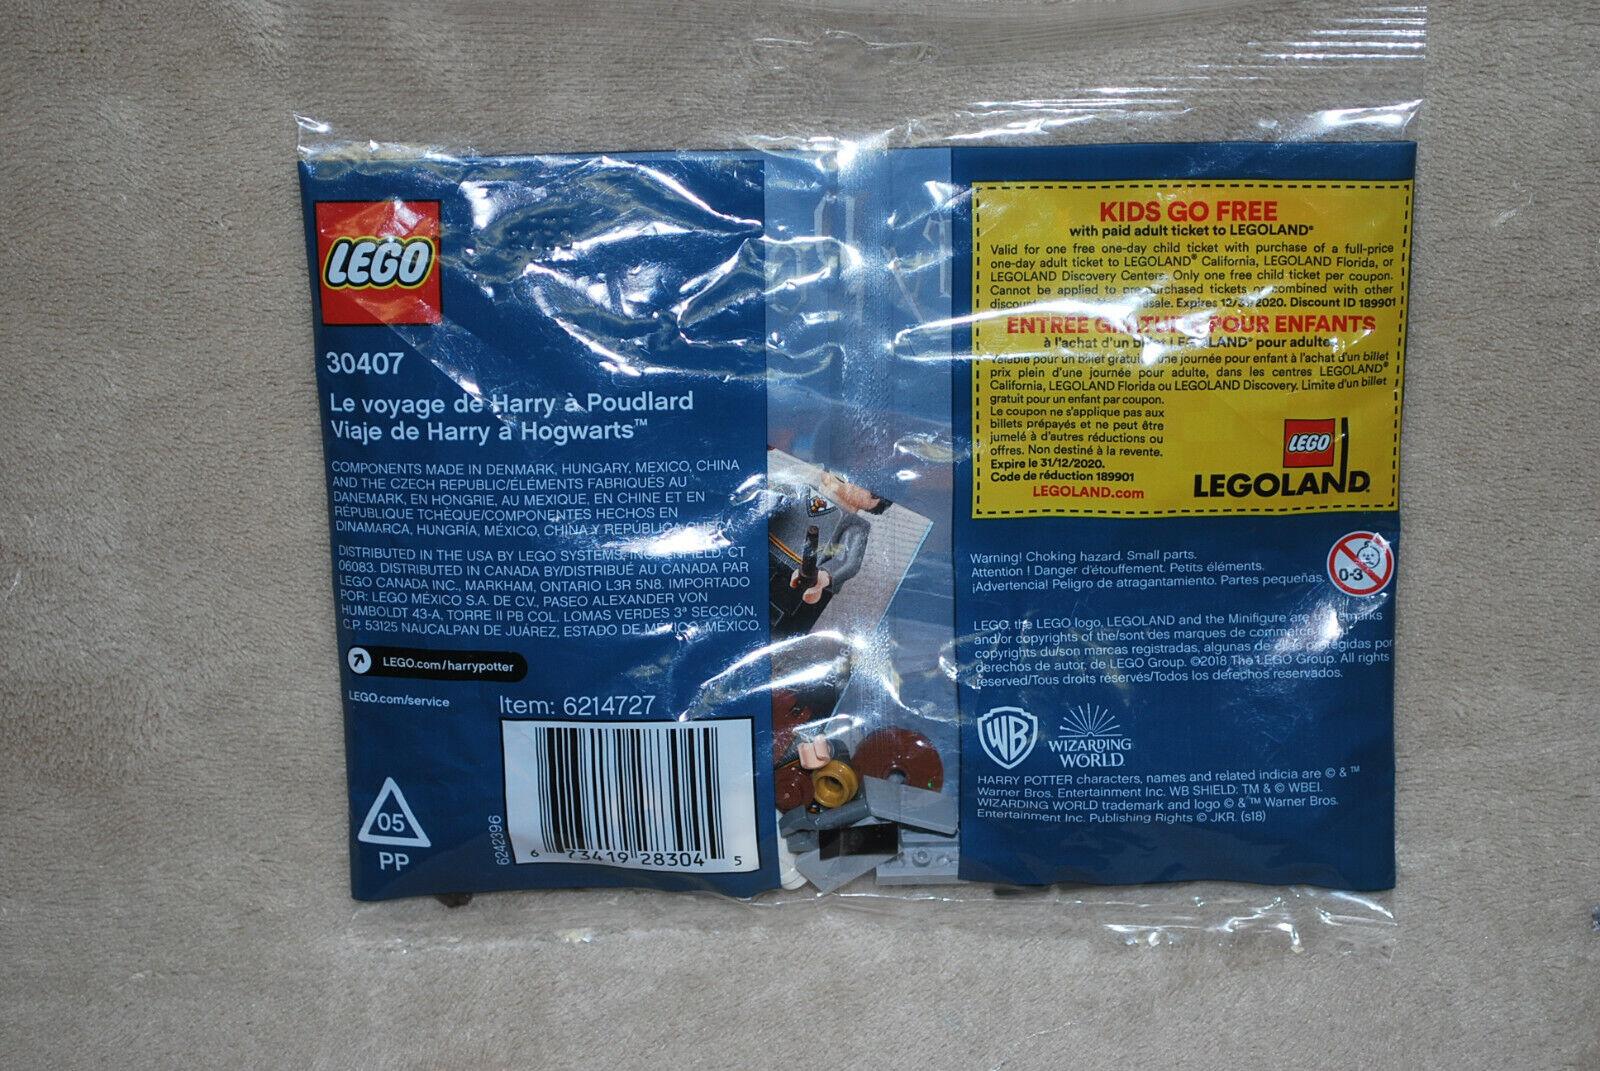 Lego 30407 Le Voyage de Harry Potter /à Poudlard